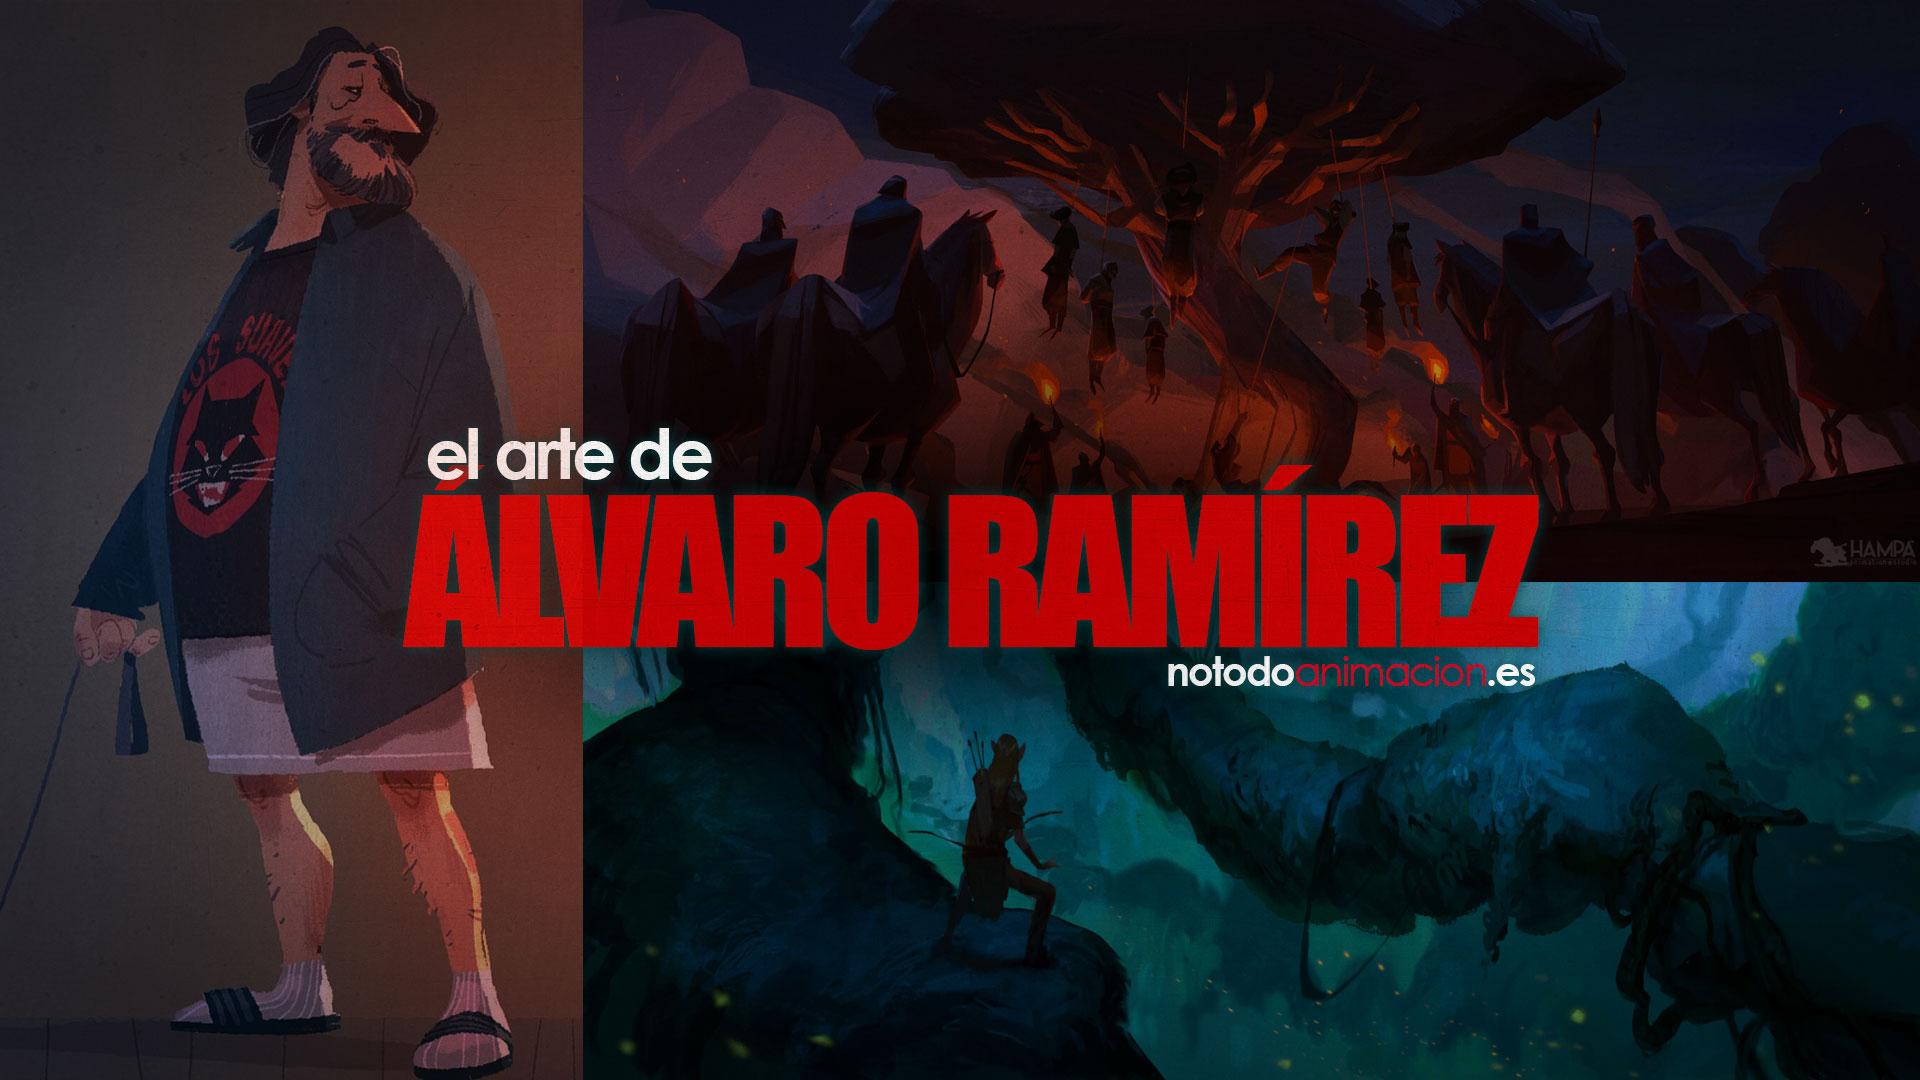 El arte de Álvaro Ramírez concept art desarrollo visual